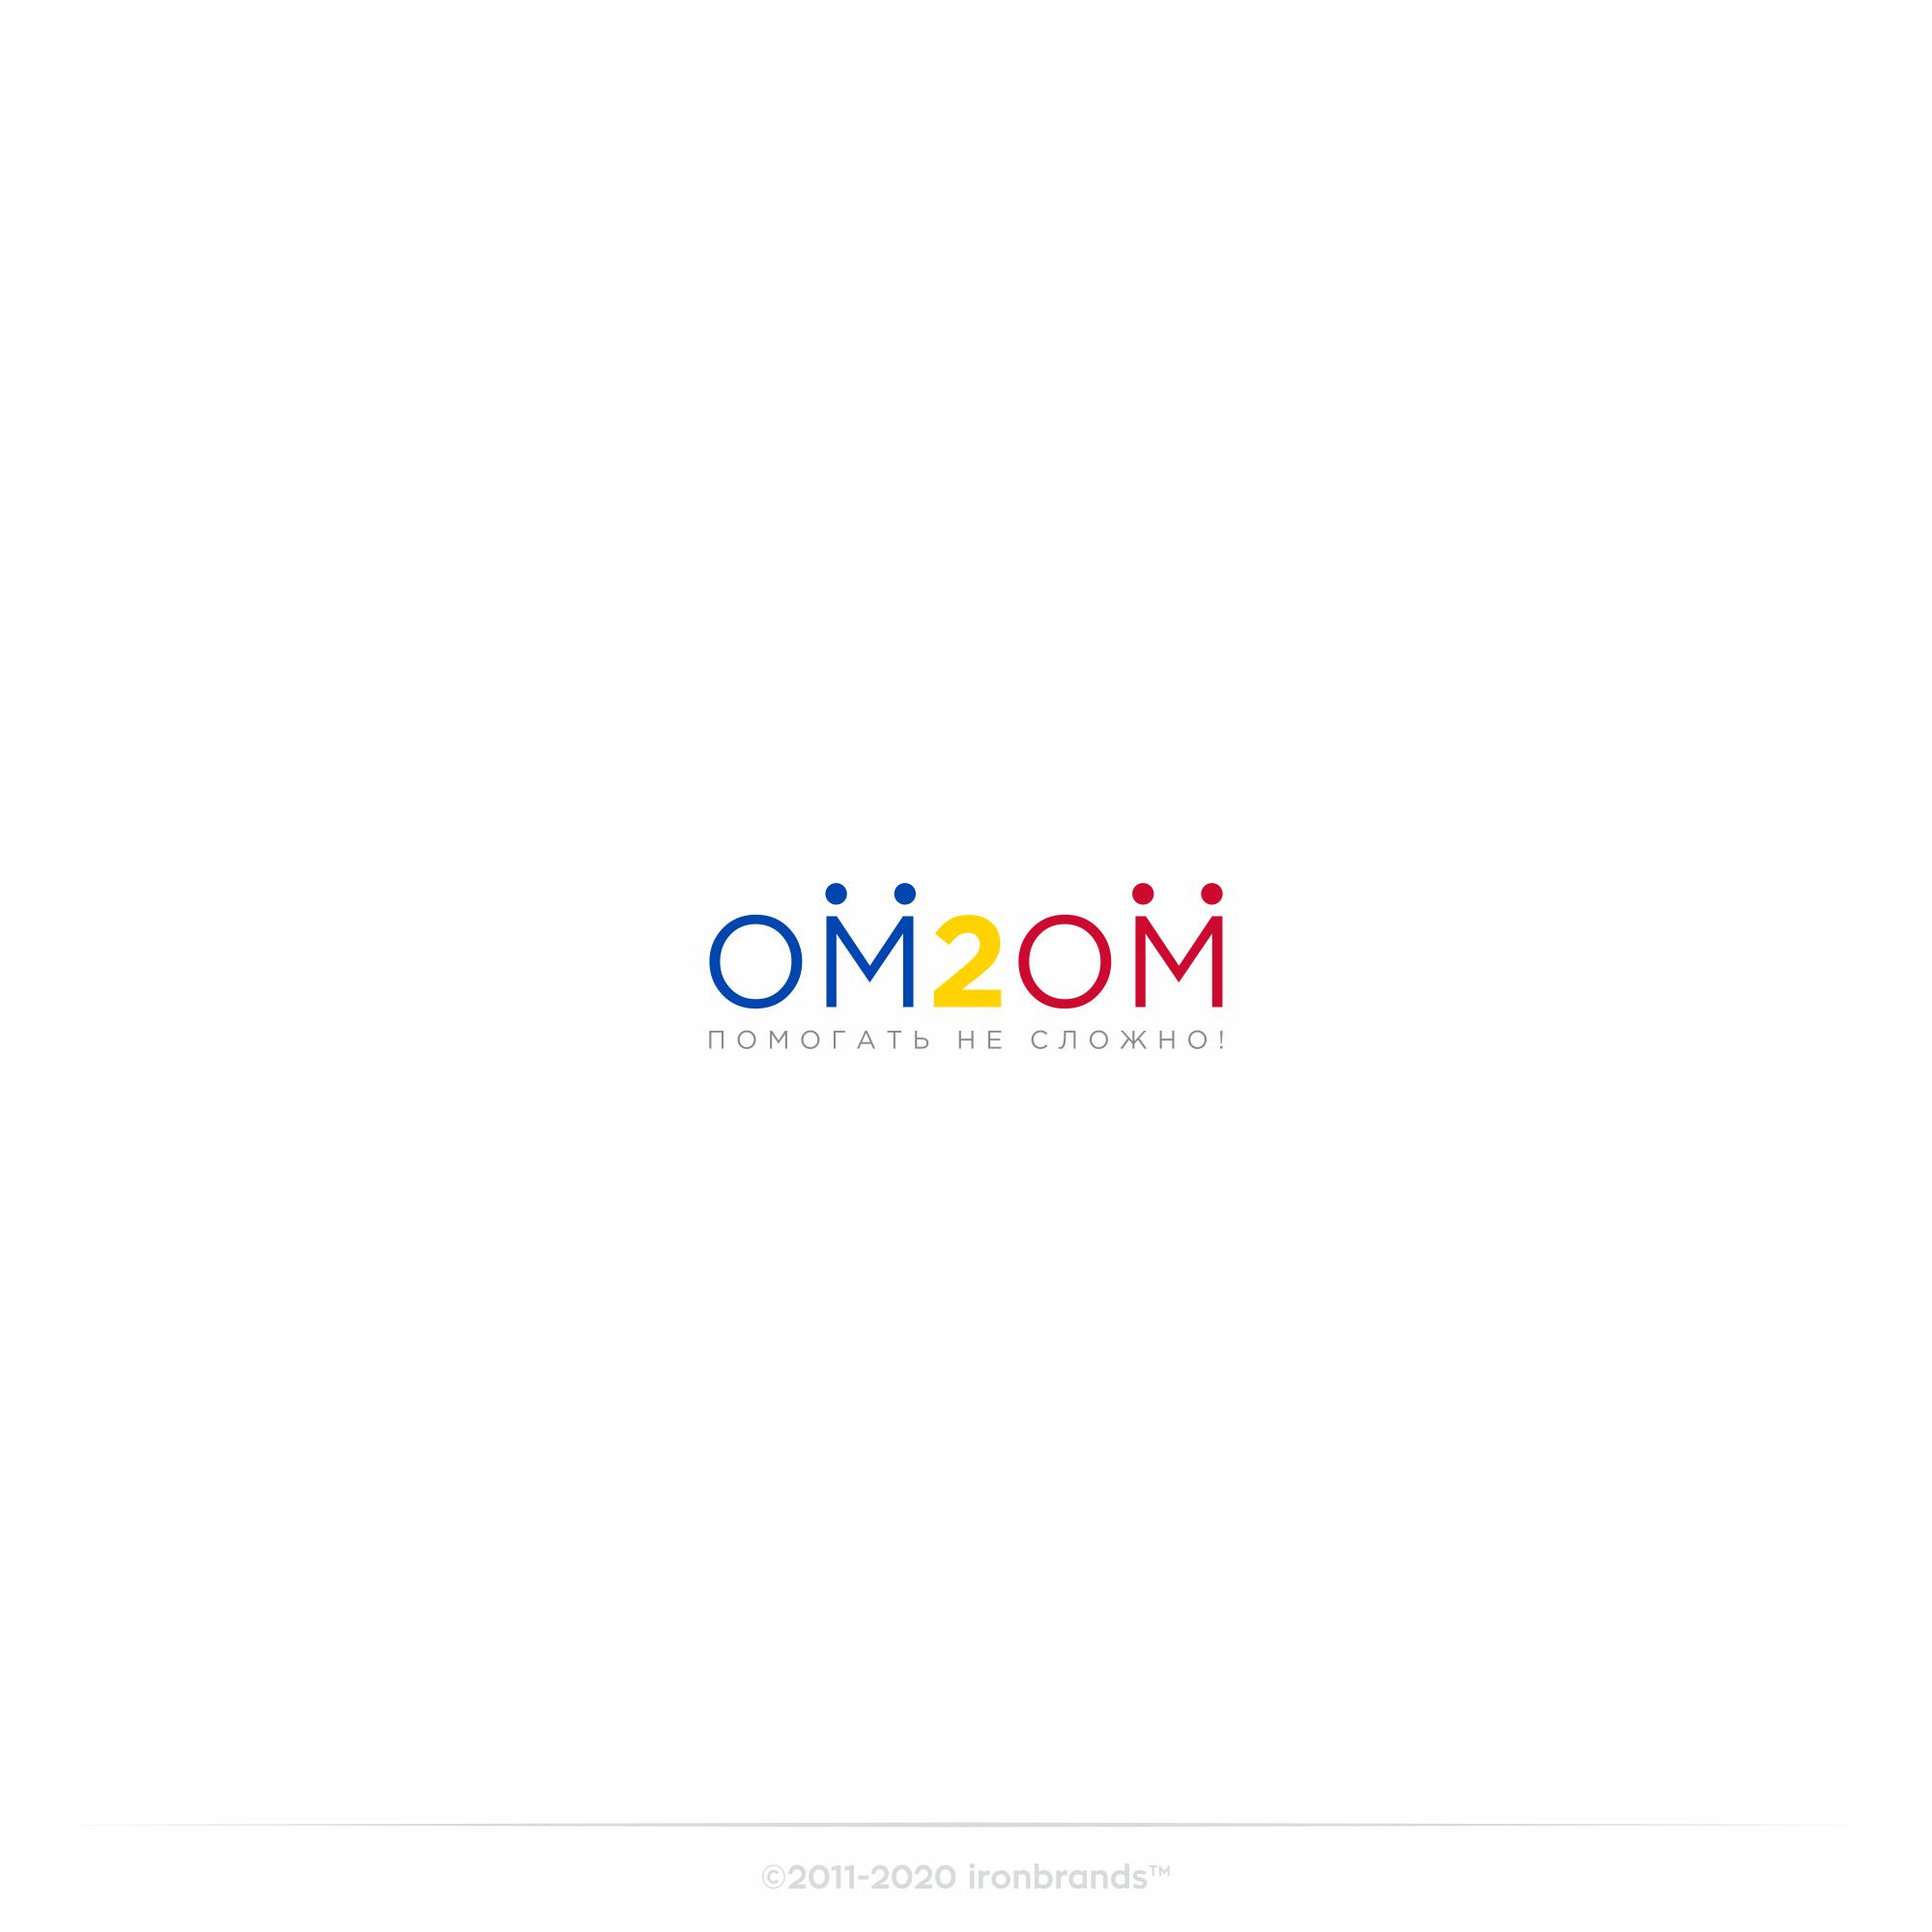 Разработка логотипа для краудфандинговой платформы om2om.md фото f_8625f5faf0d24dbd.jpg